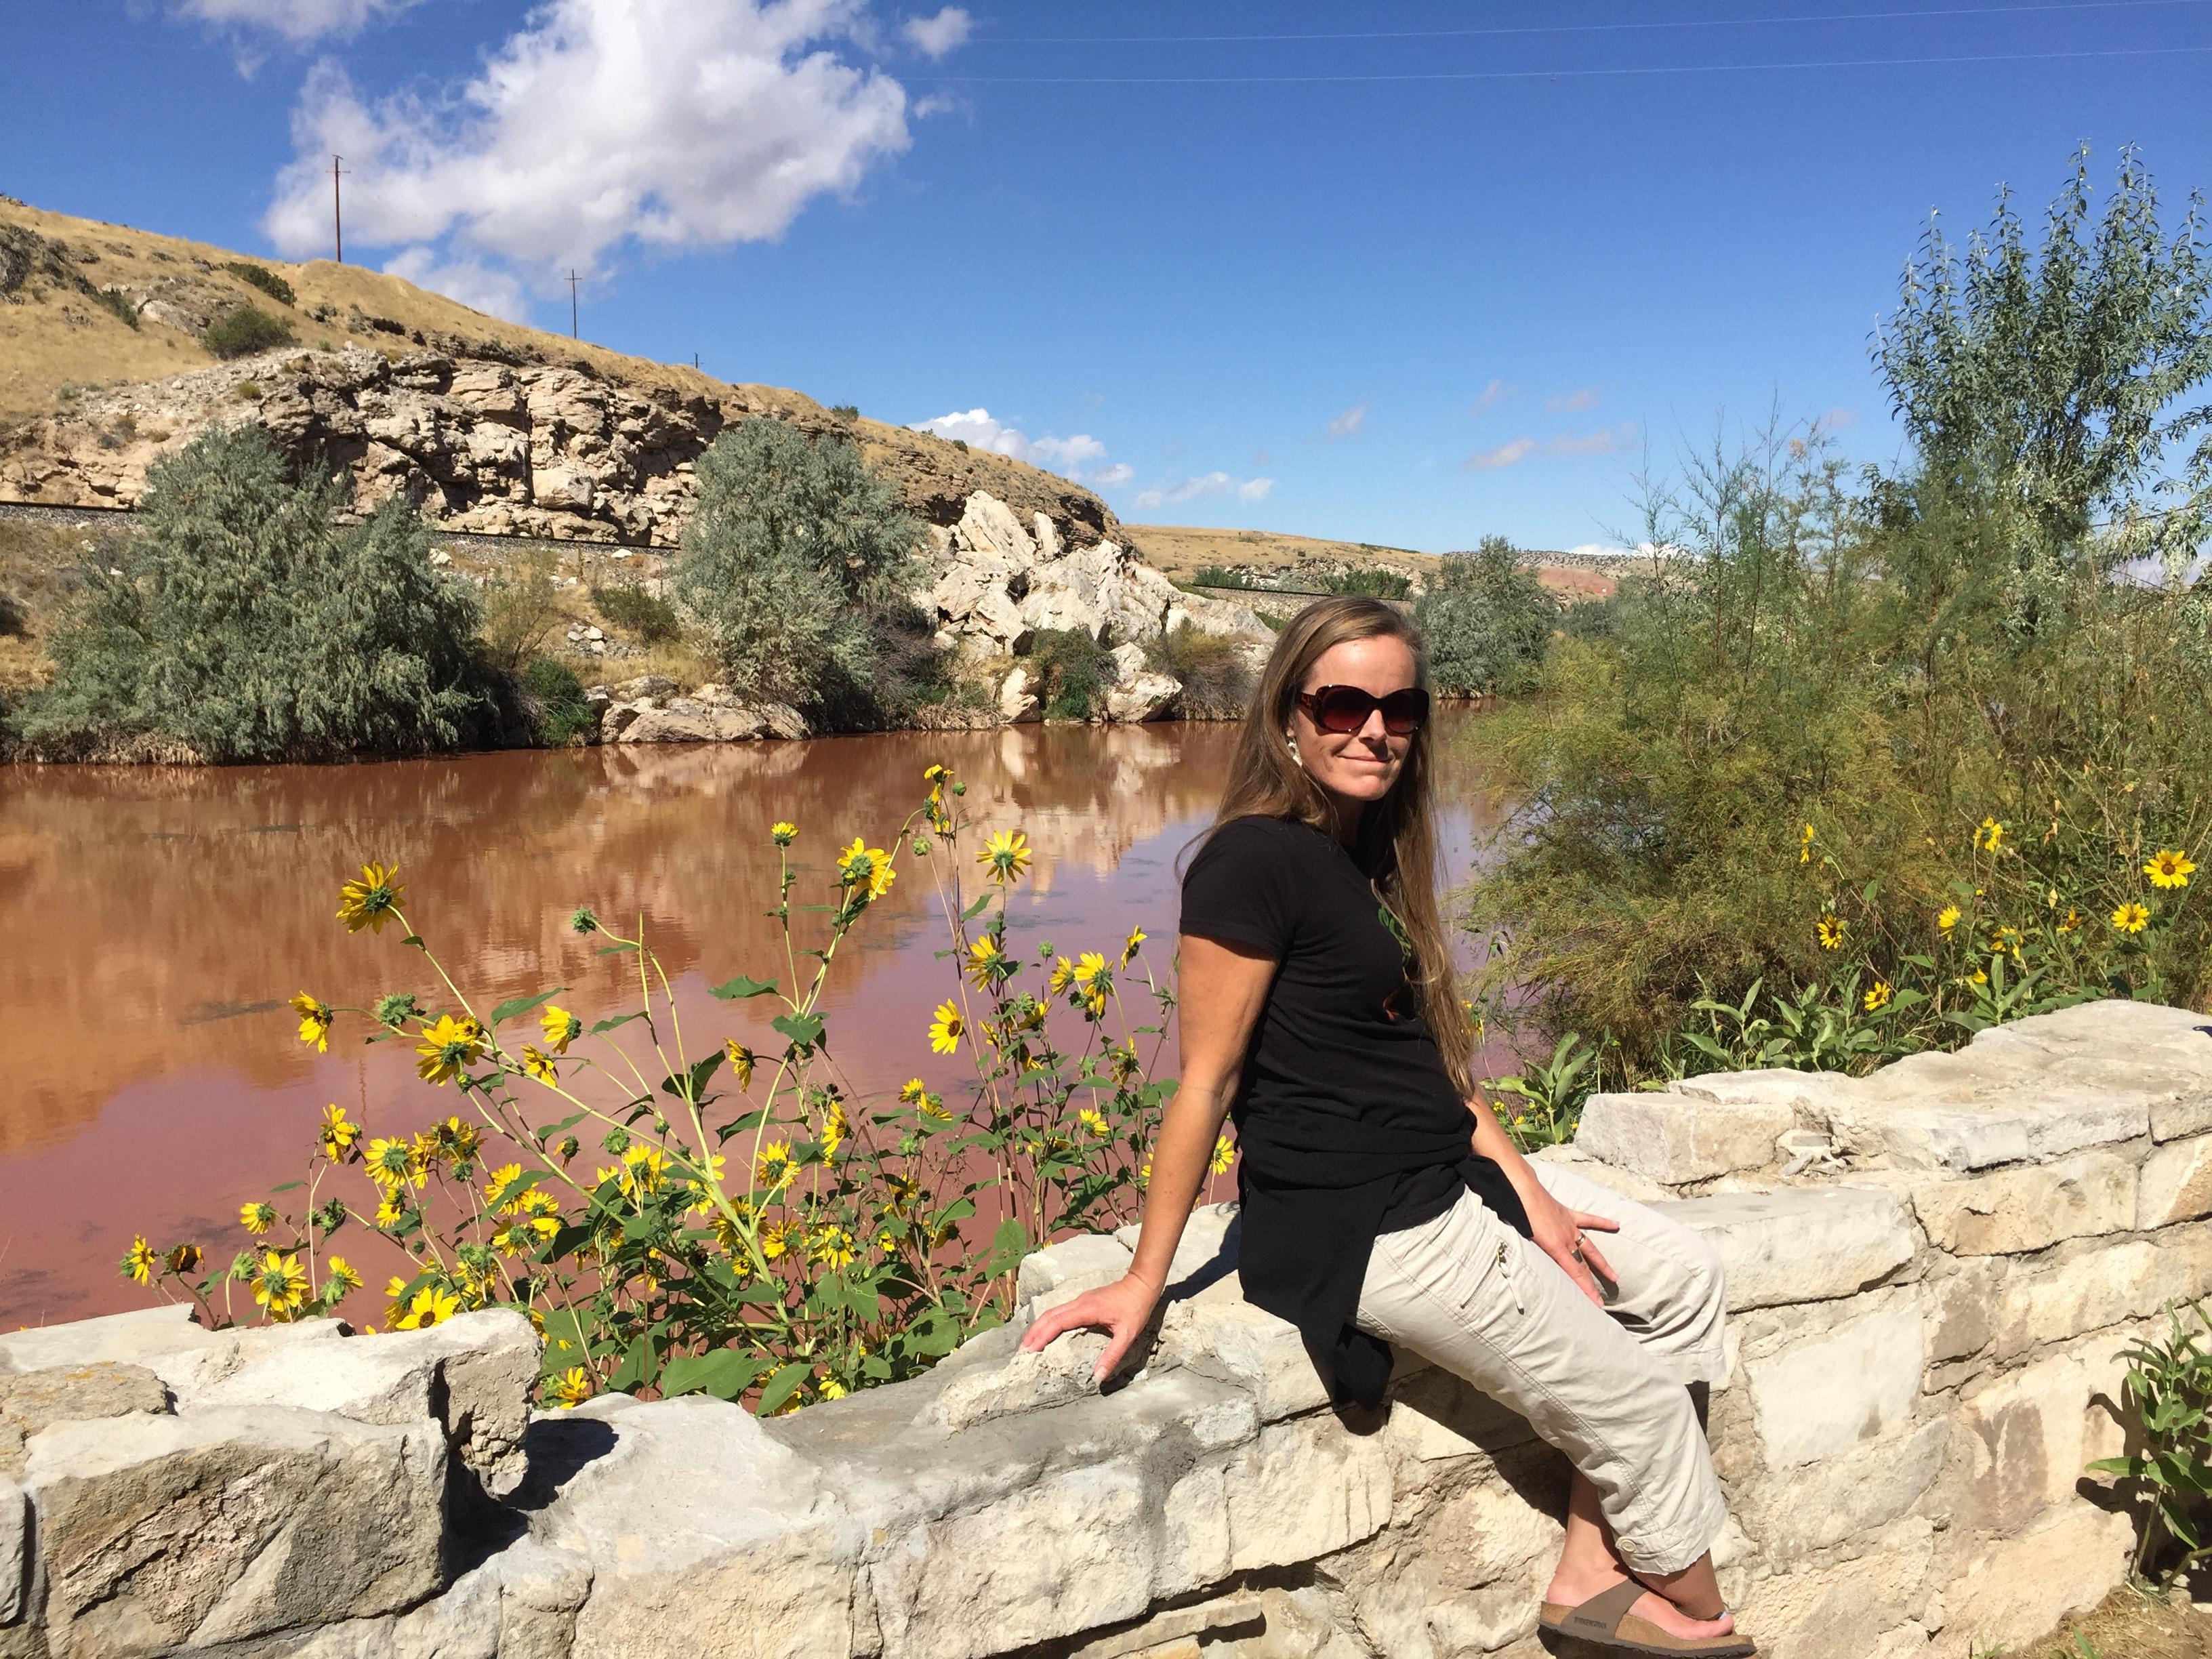 Kari at Hot Springs